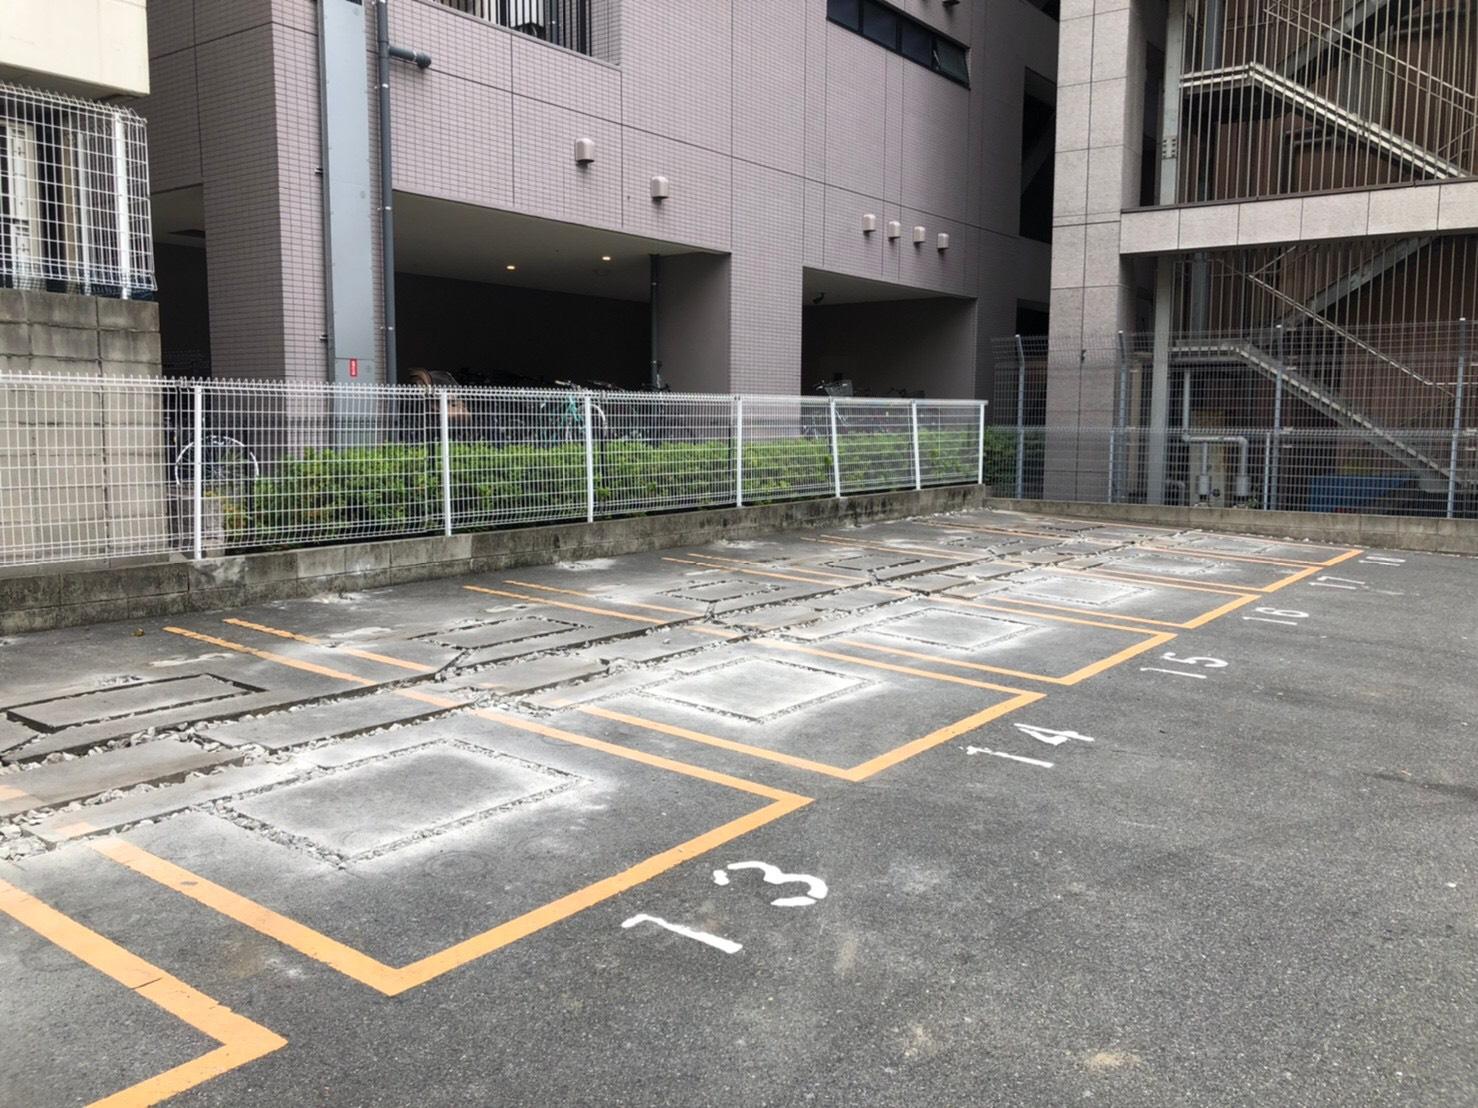 名古屋市中区 上前津駅付近 コインパーキング機器撤去工事